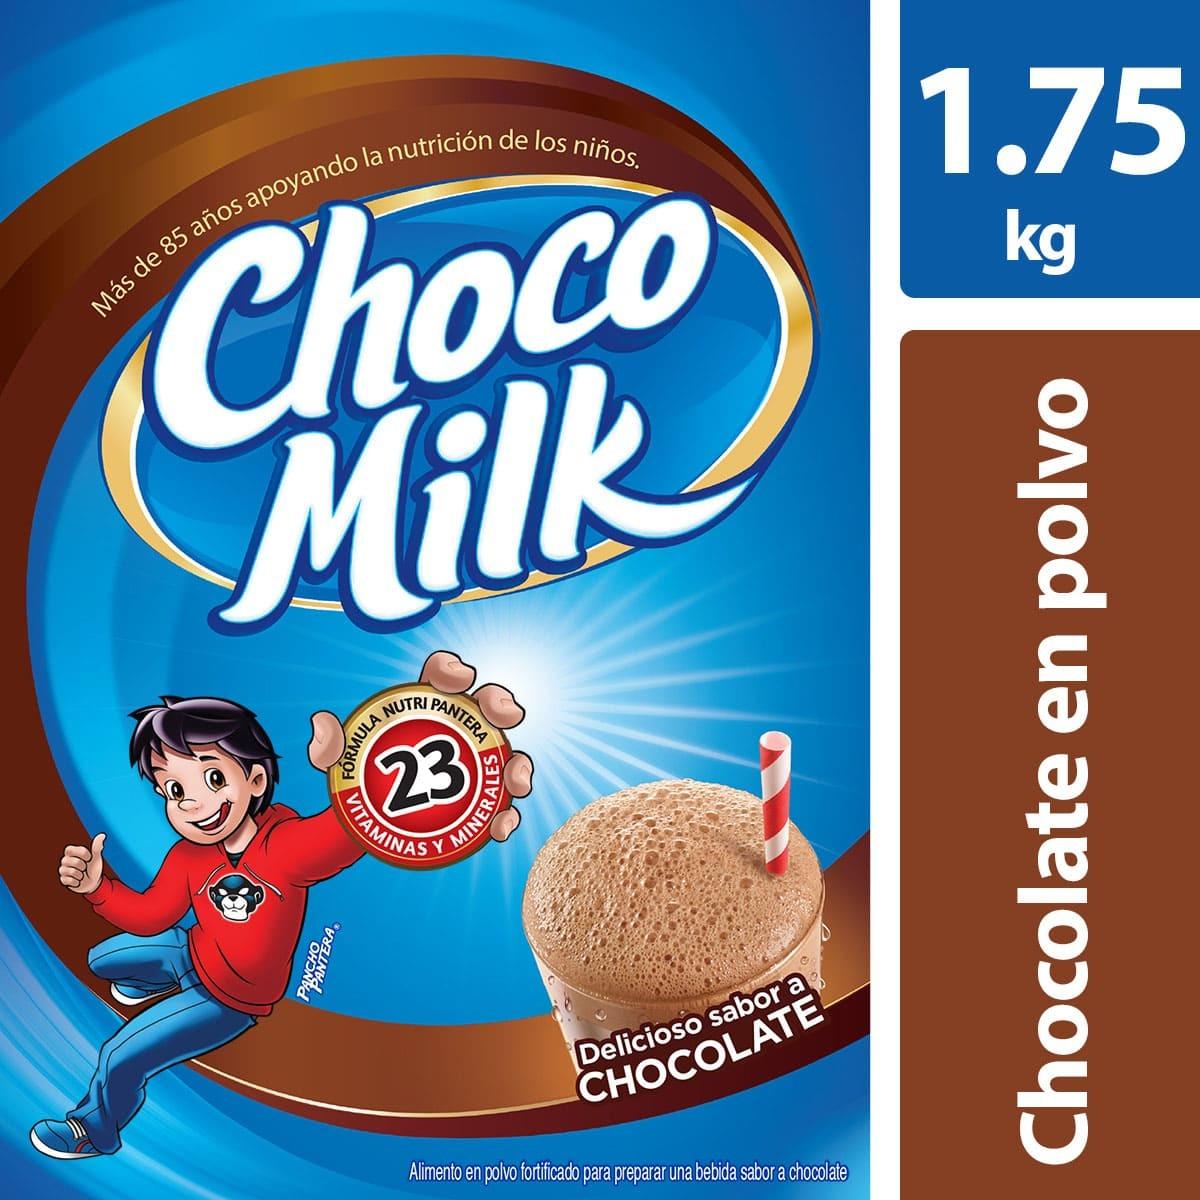 Choco Milk y Cal-c-tose de 1.75Kg. en $99 en Chedraui